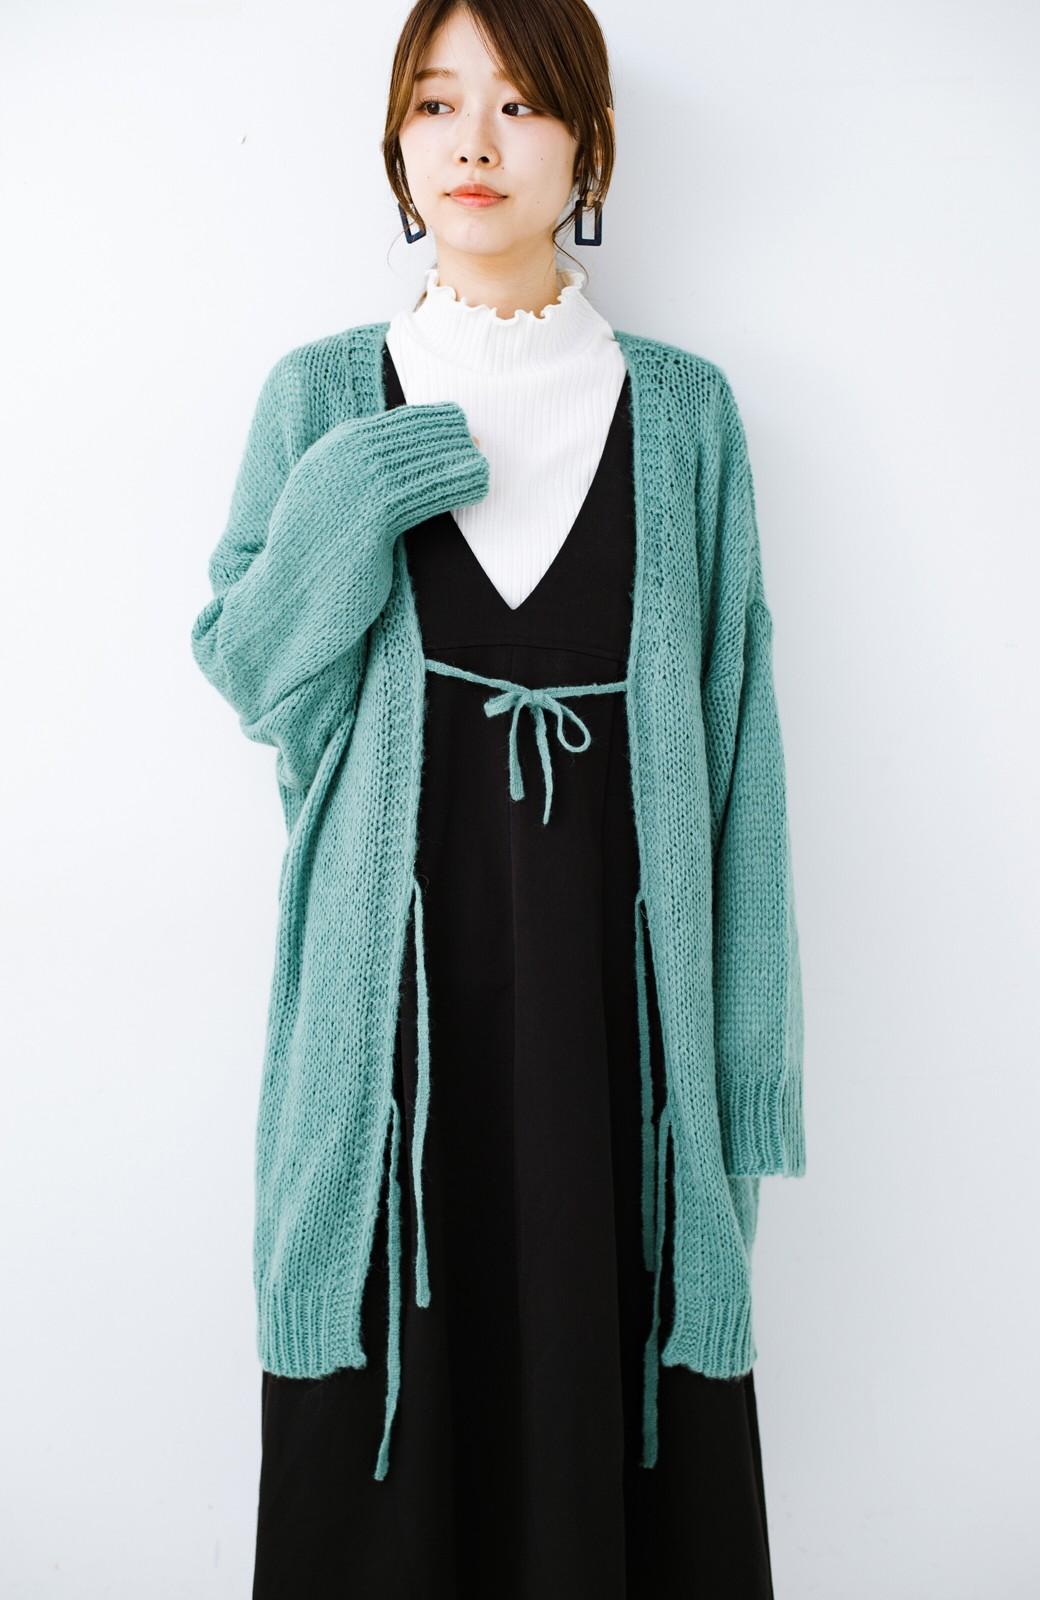 haco! ゆるゆるゆる編みで軽やかにかわいくなれる 前後ろ2WAYカーディガン <ミント>の商品写真4